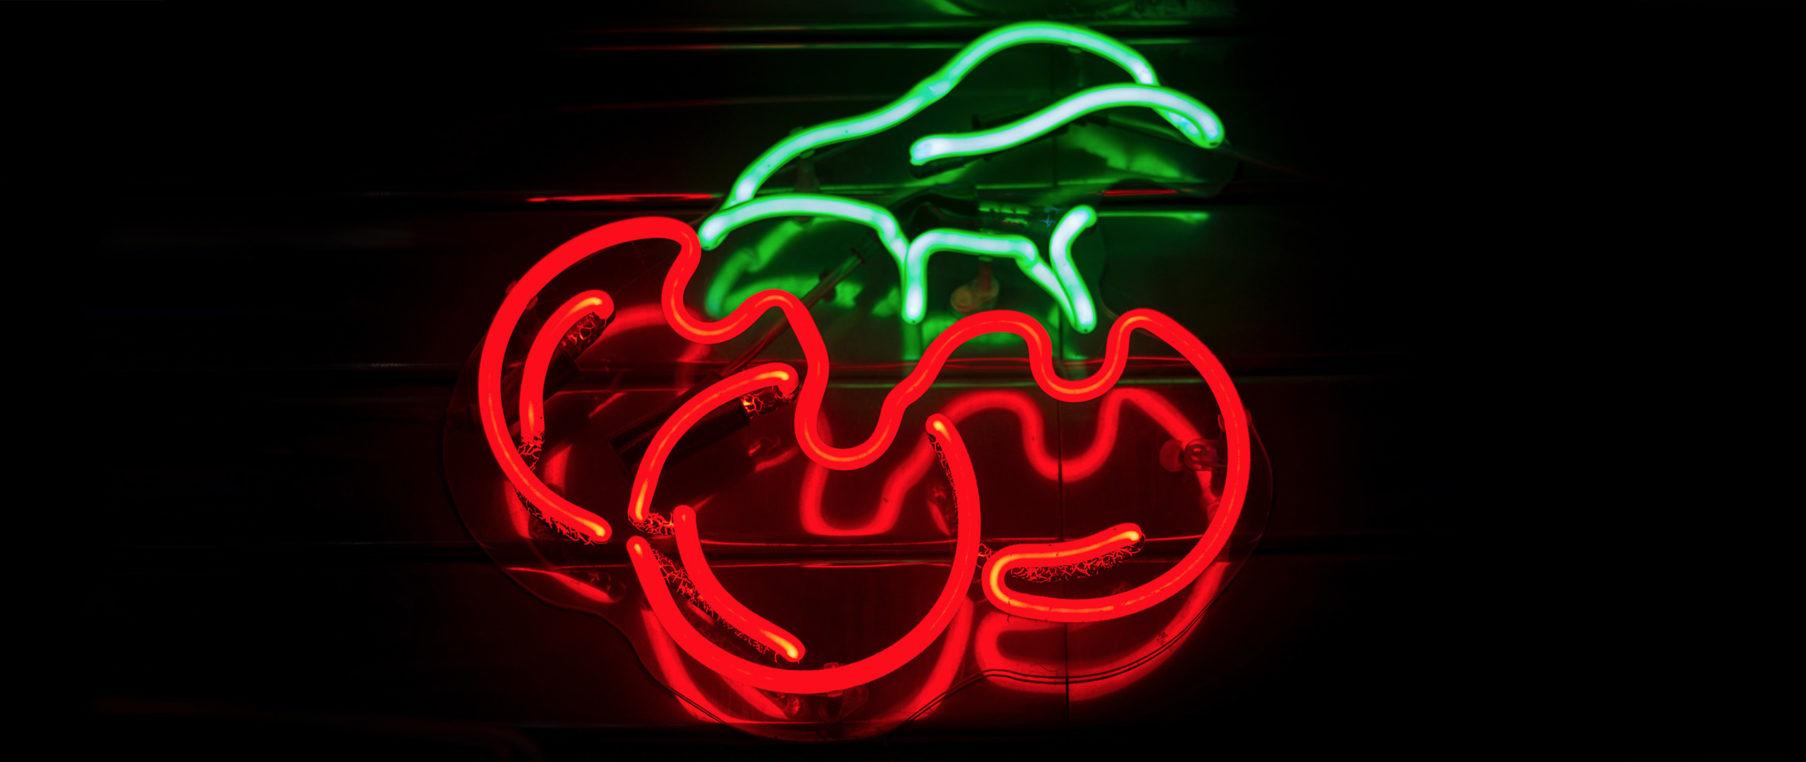 Neon Cherries (2560×1080 Wallpaper) | 2560x1080 Wallpapers